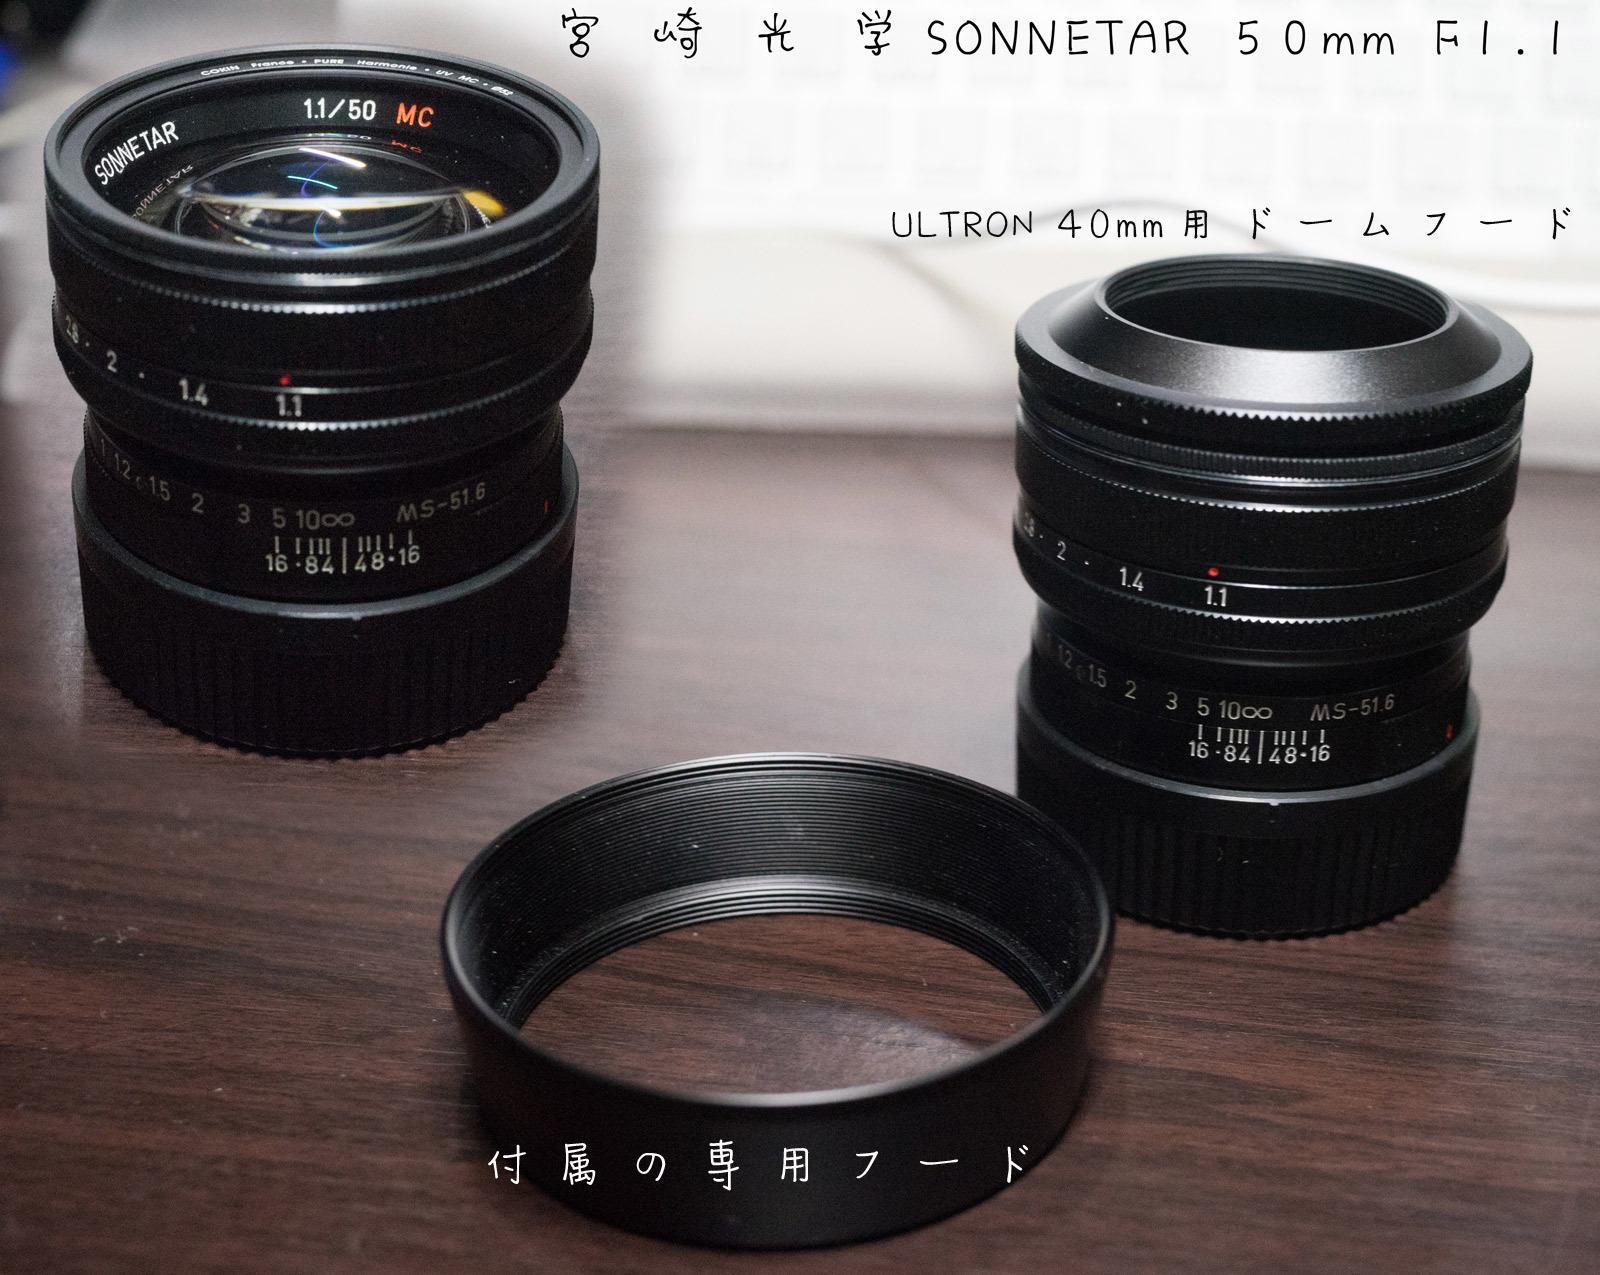 6月最後の日・SONNETAR50mm/f1.1_a0271402_07581696.jpg